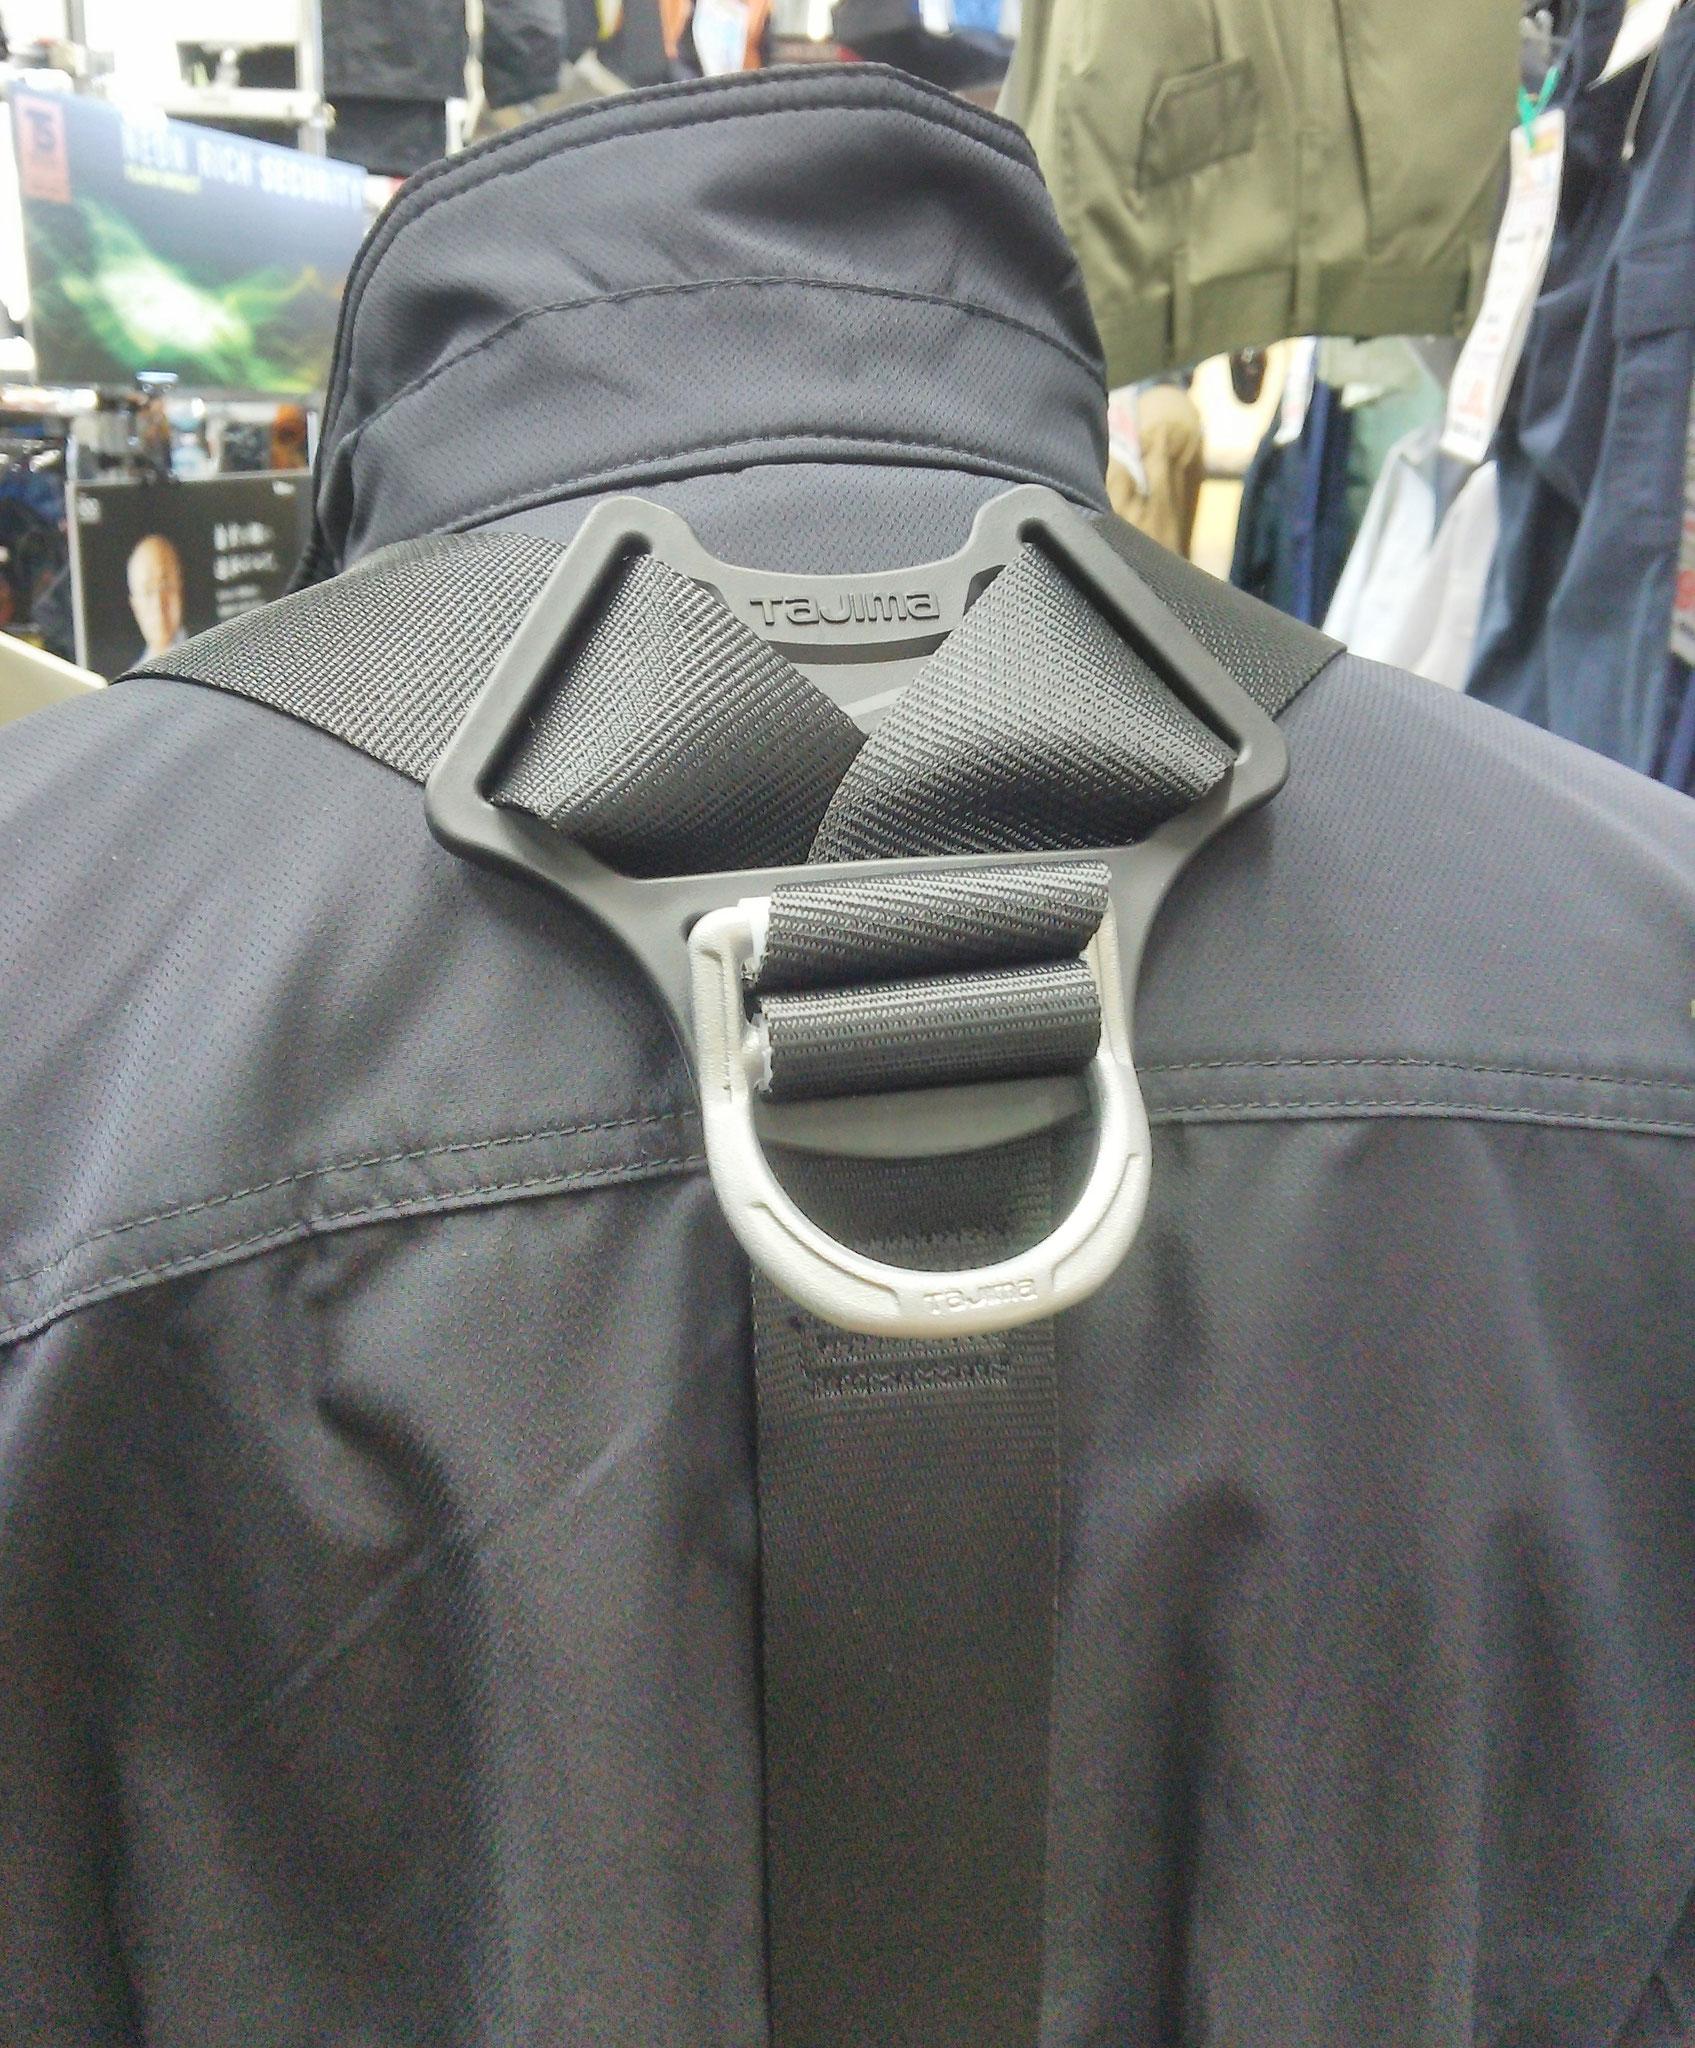 ハーネス型安全帯 ZSM-BK タジマの最新モデル 後ろはこんな感じ ¥12,650(税込)